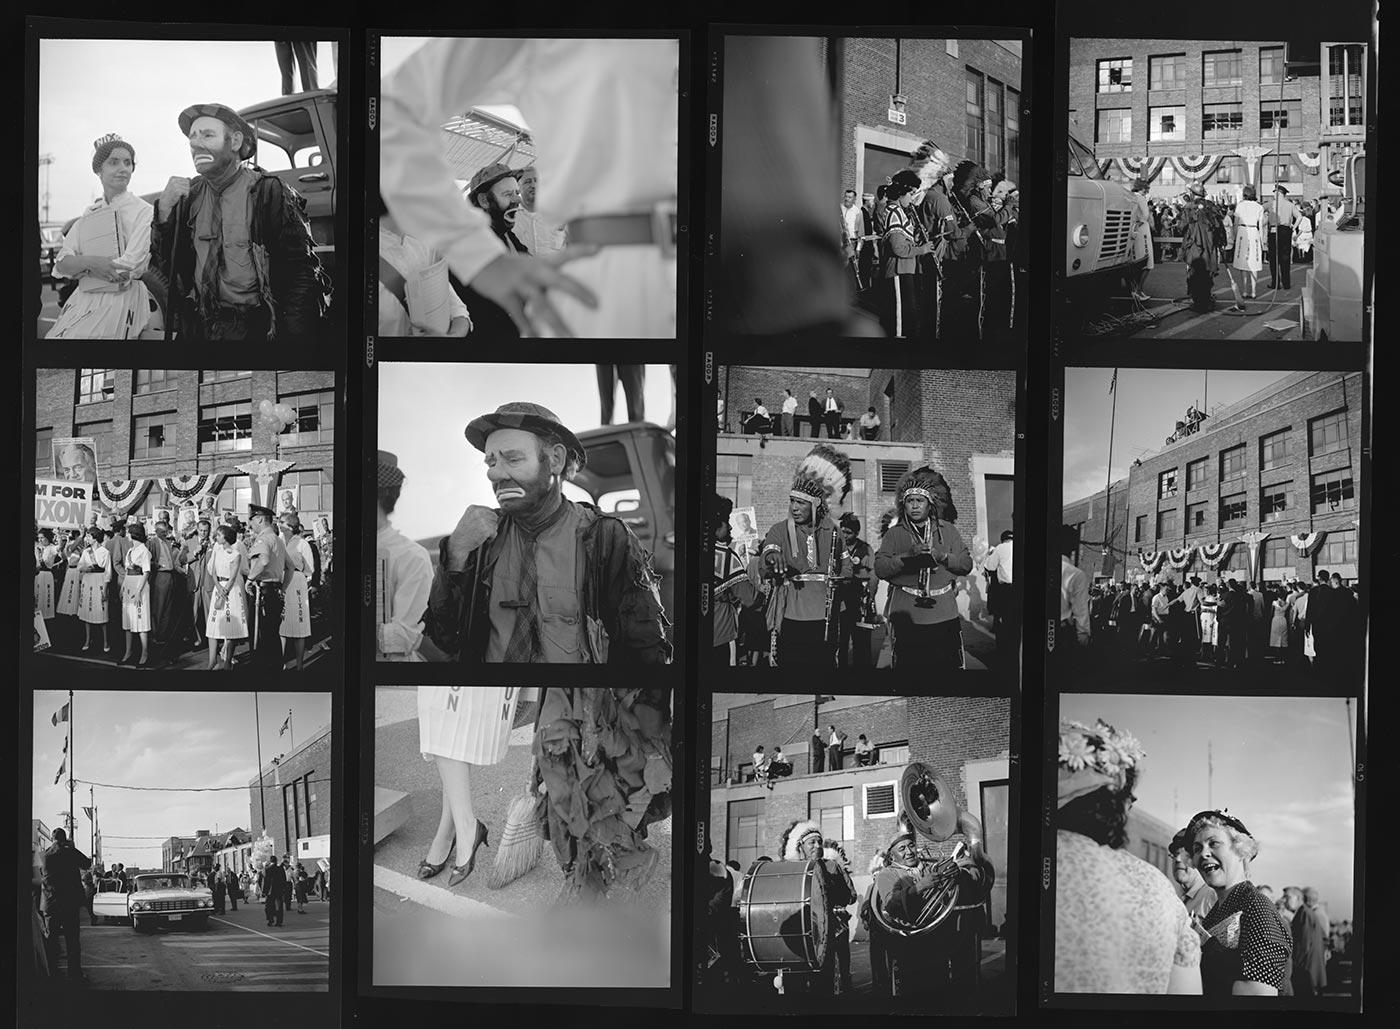 8 Tipps von Vivian Maier für Street Photography